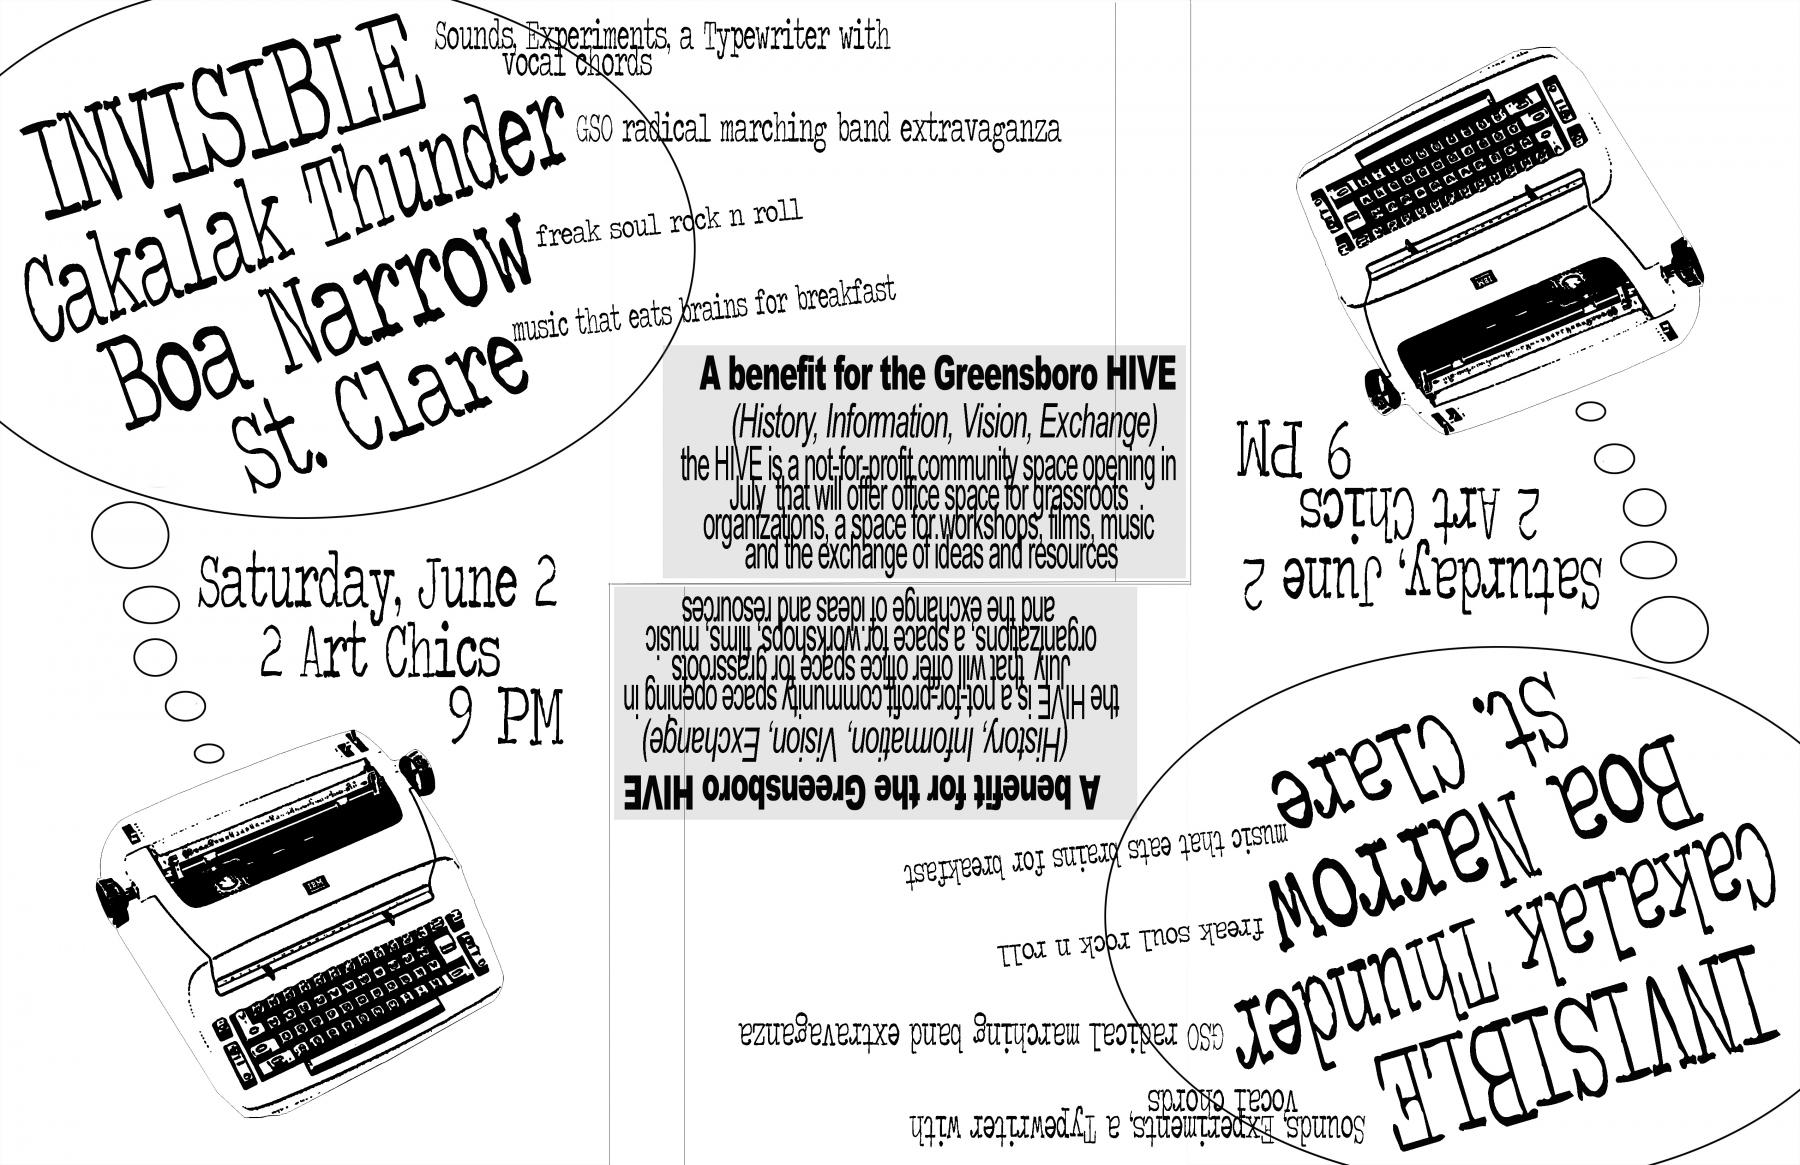 Show Flier, June 2007